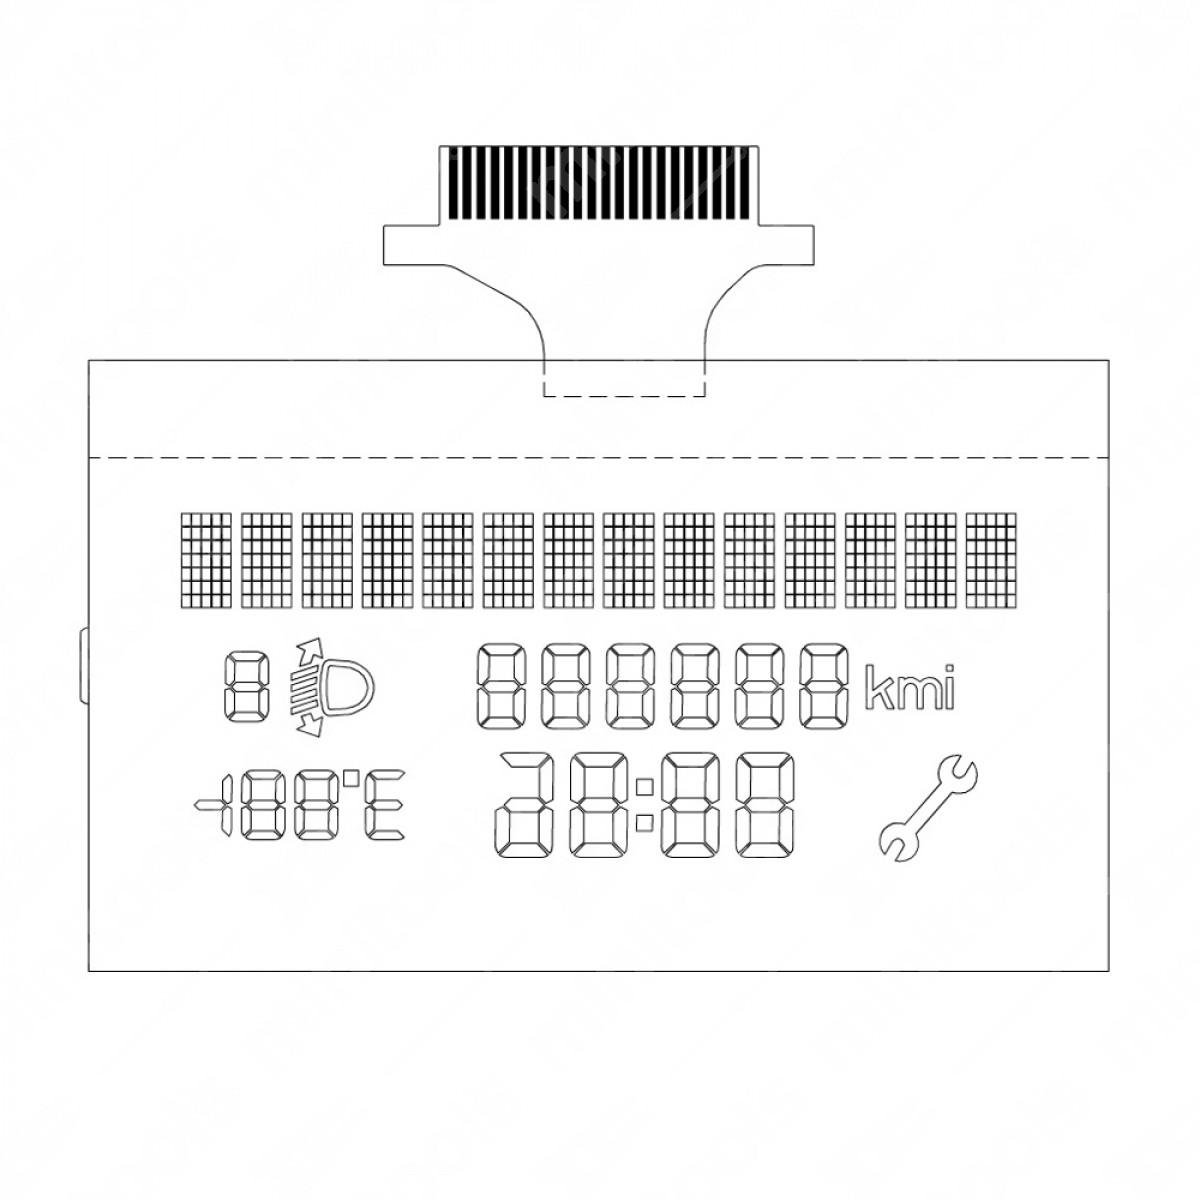 LCD display for Fiat Punto / Grande Punto / Fiorino / Doblò / Qubo